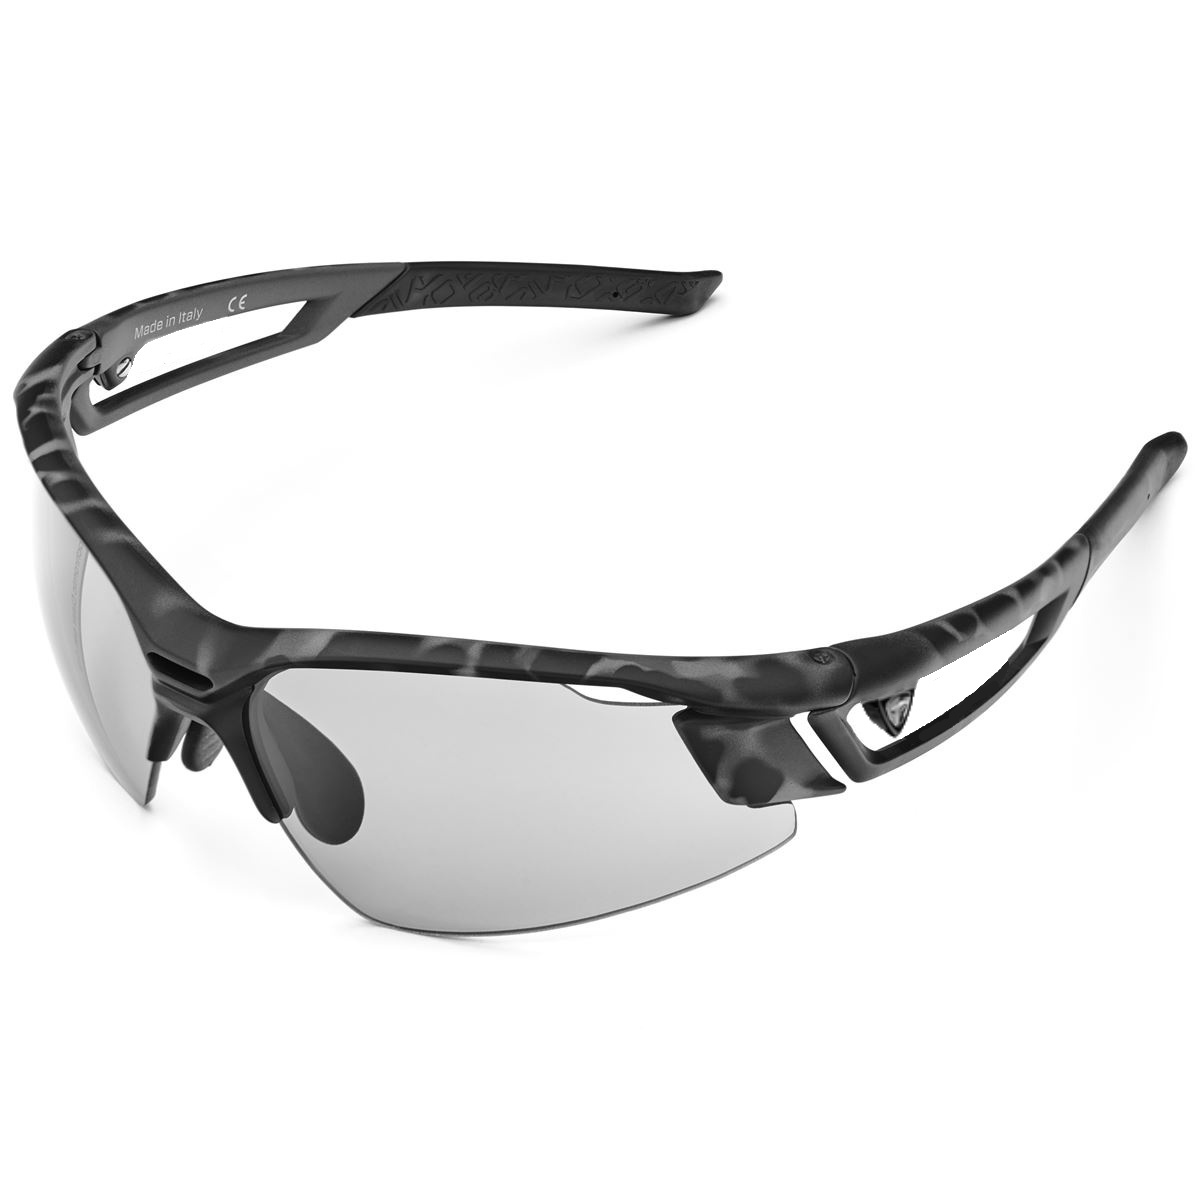 00380ea05 Cyklistické okuliare BRIKO URAGANO PHOTO, grey camo | kubicasport.eu